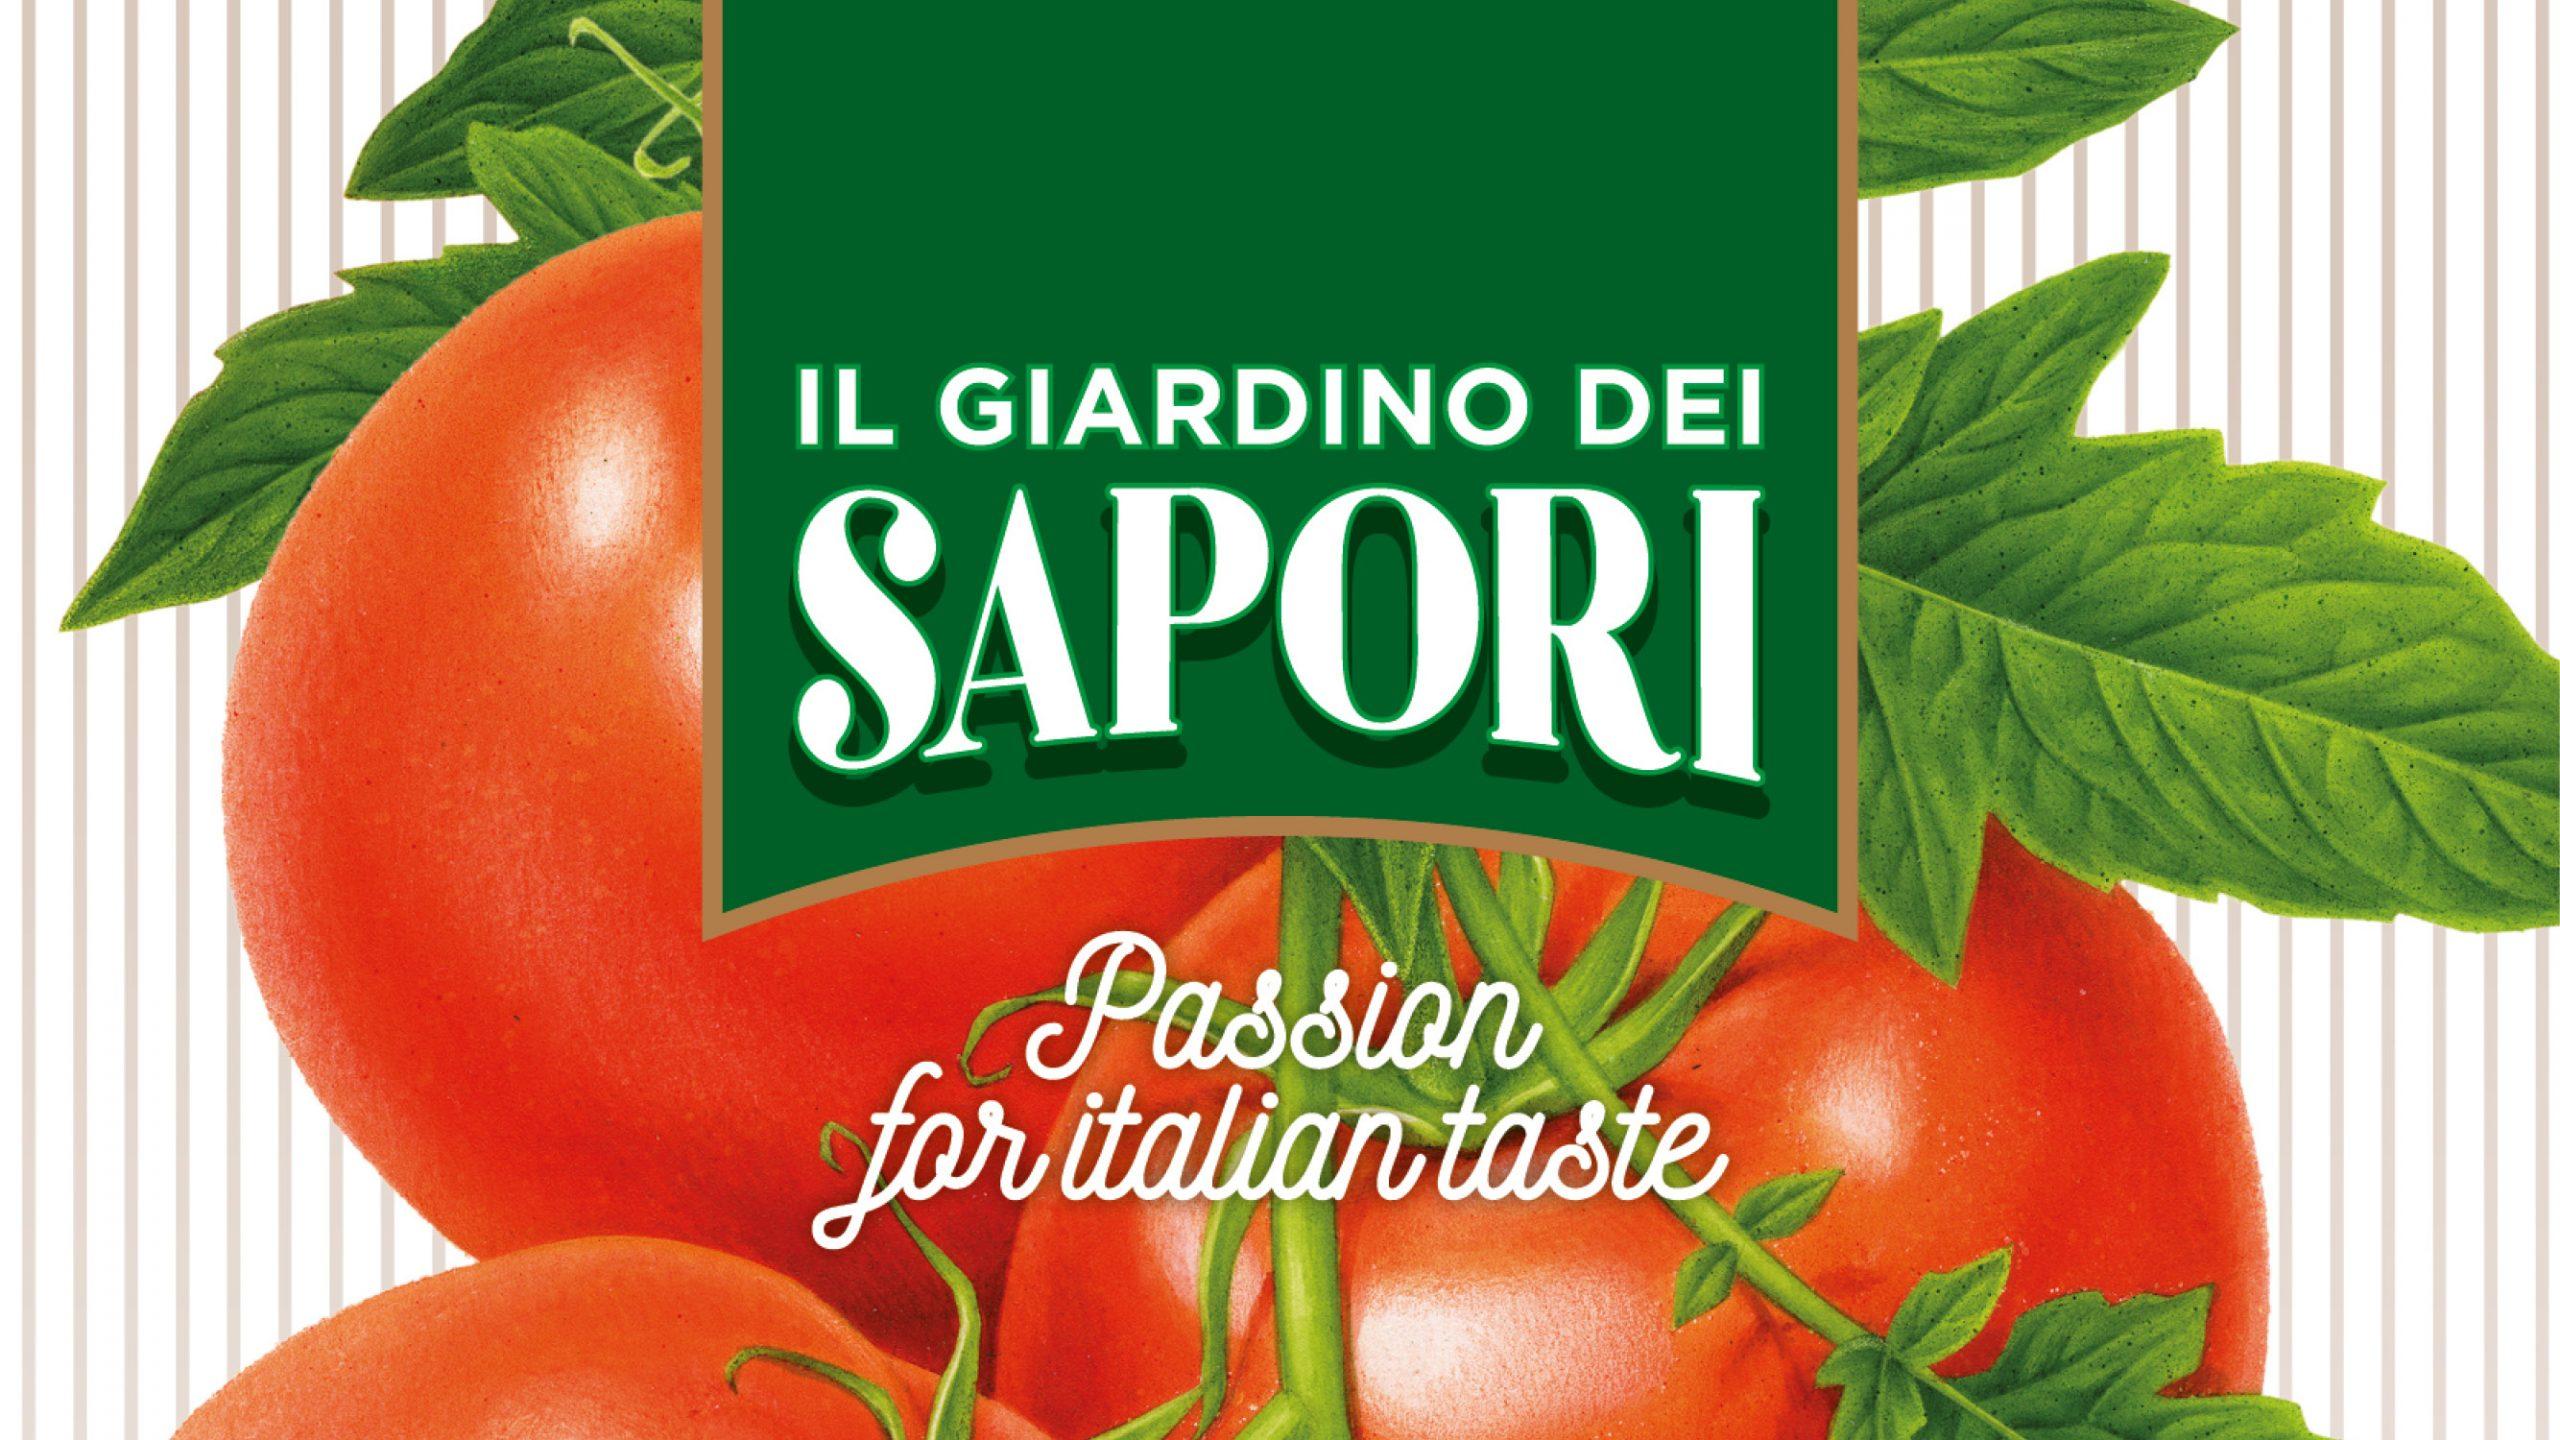 Menabò agenzia di comunicazione a Forlì -GIARDINO-DEI-SAPORI - cover